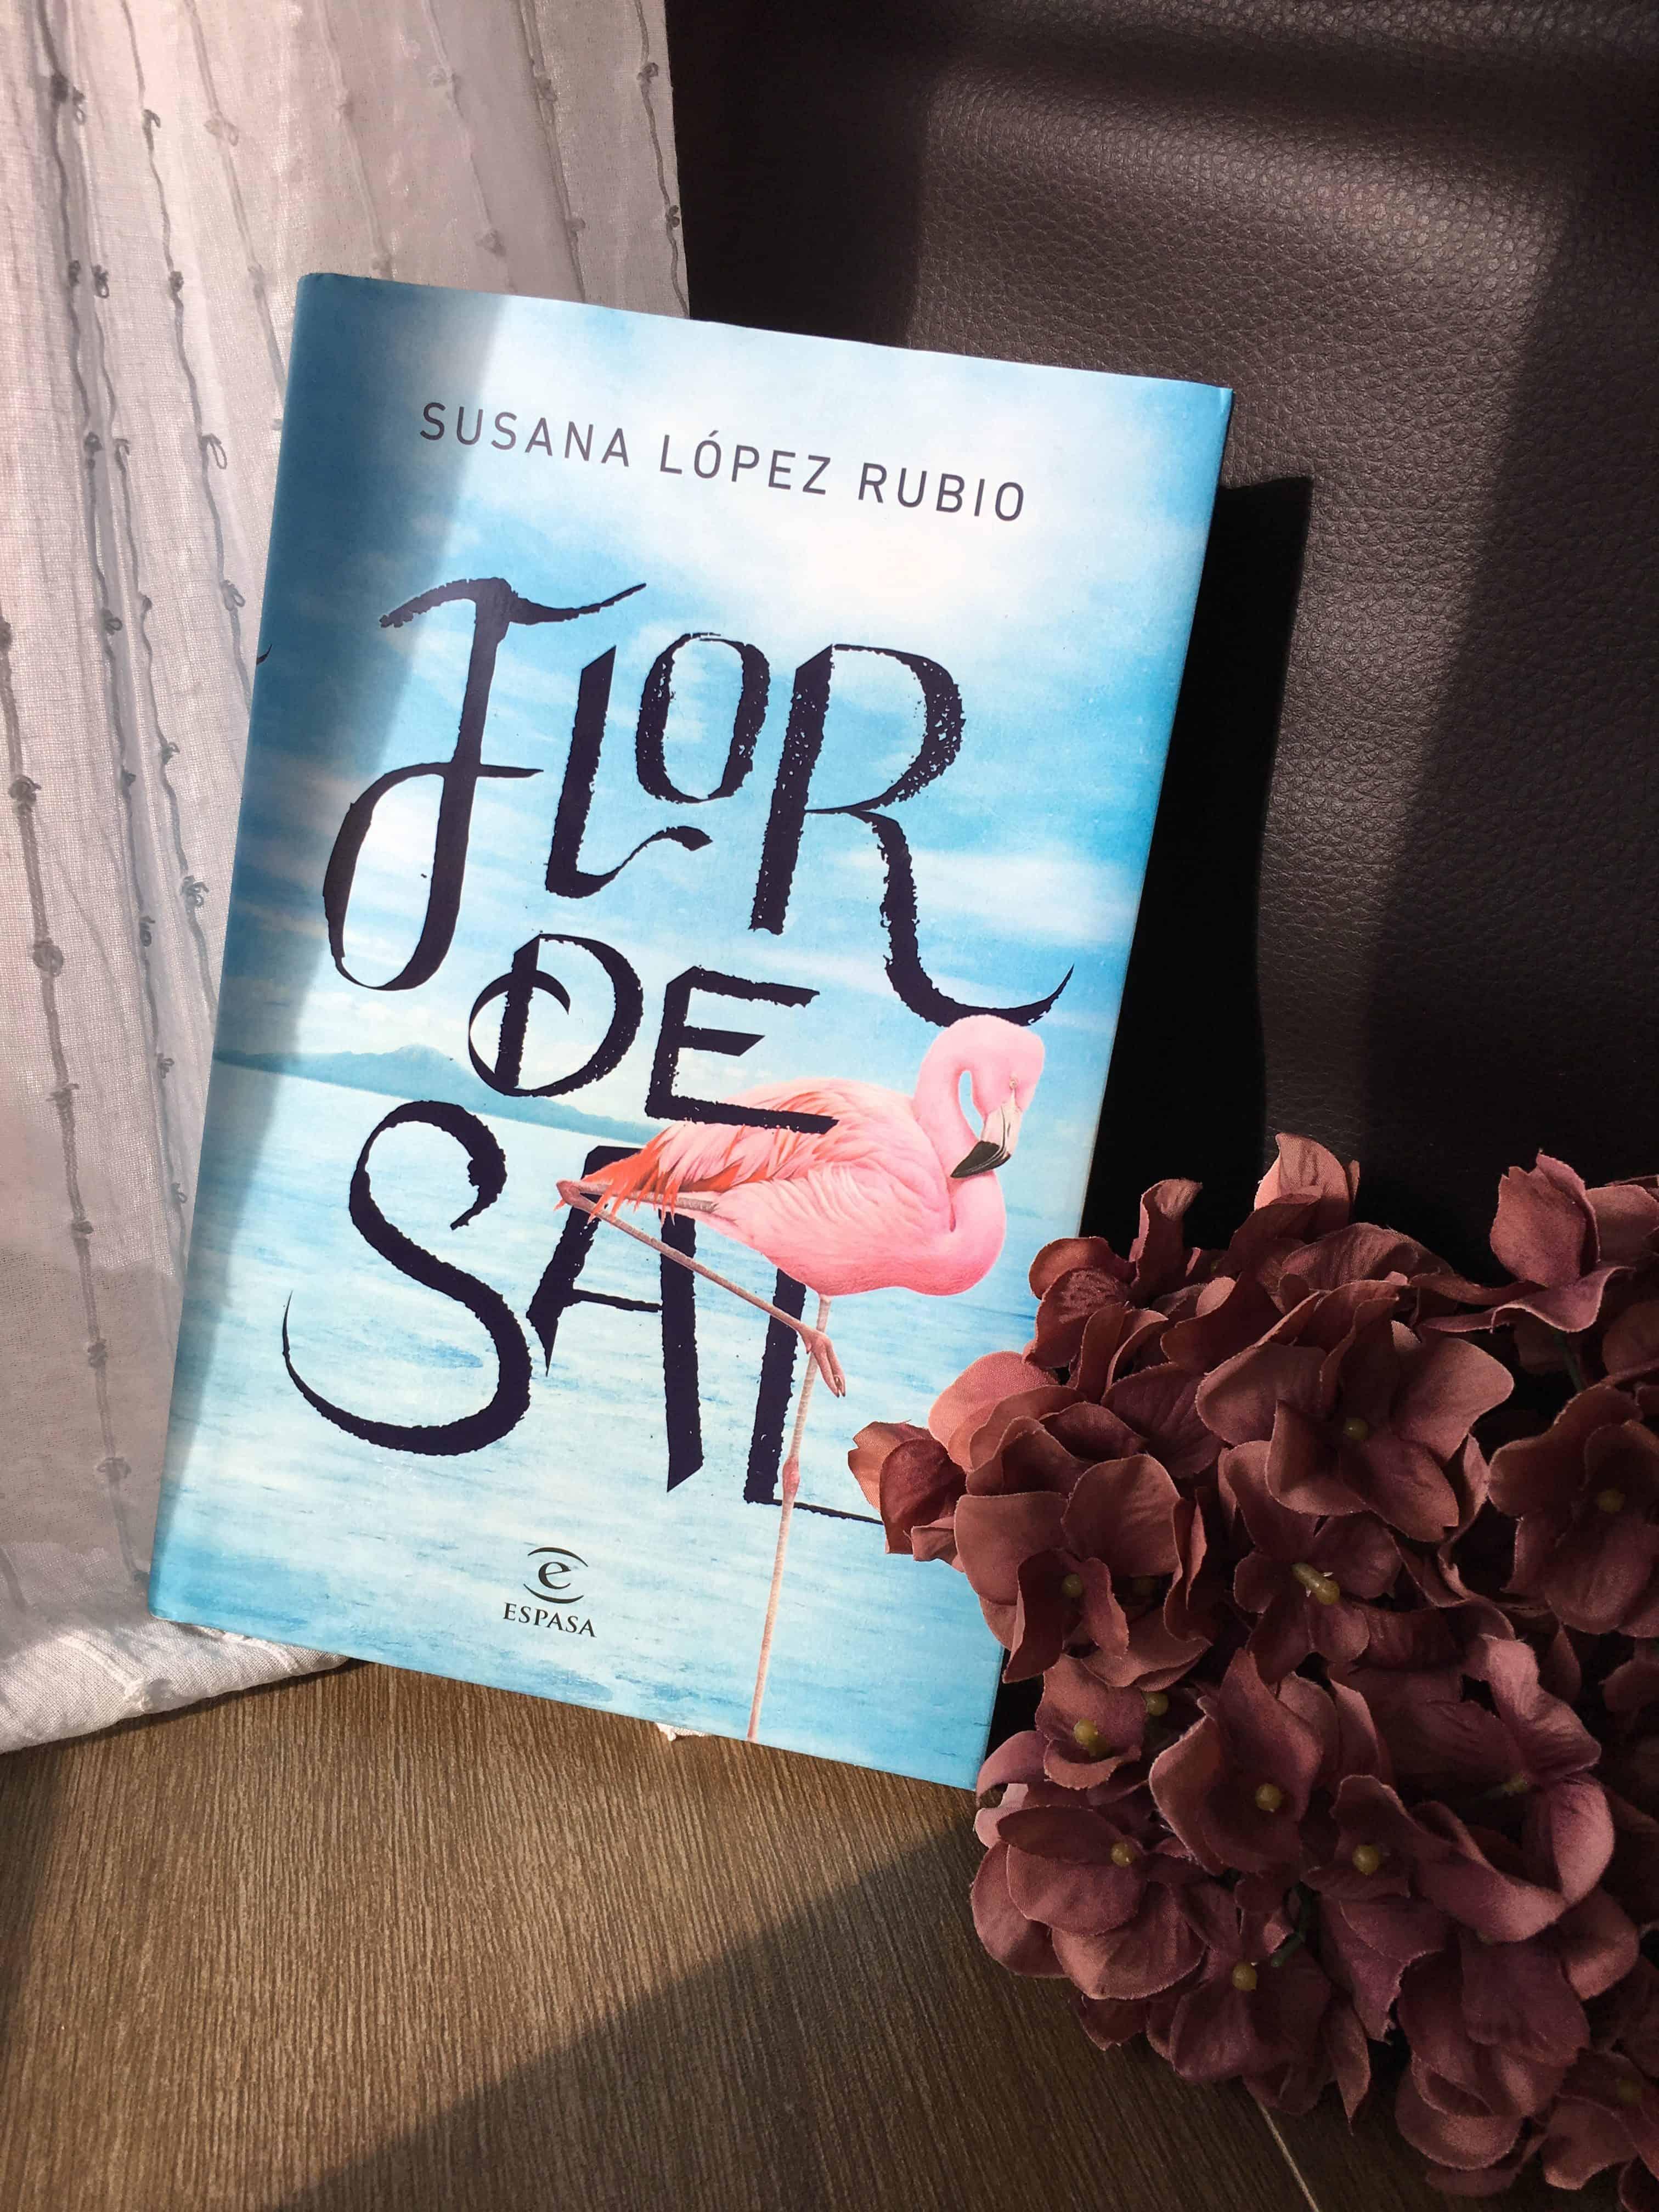 Flor de sal de Susana López Rubio